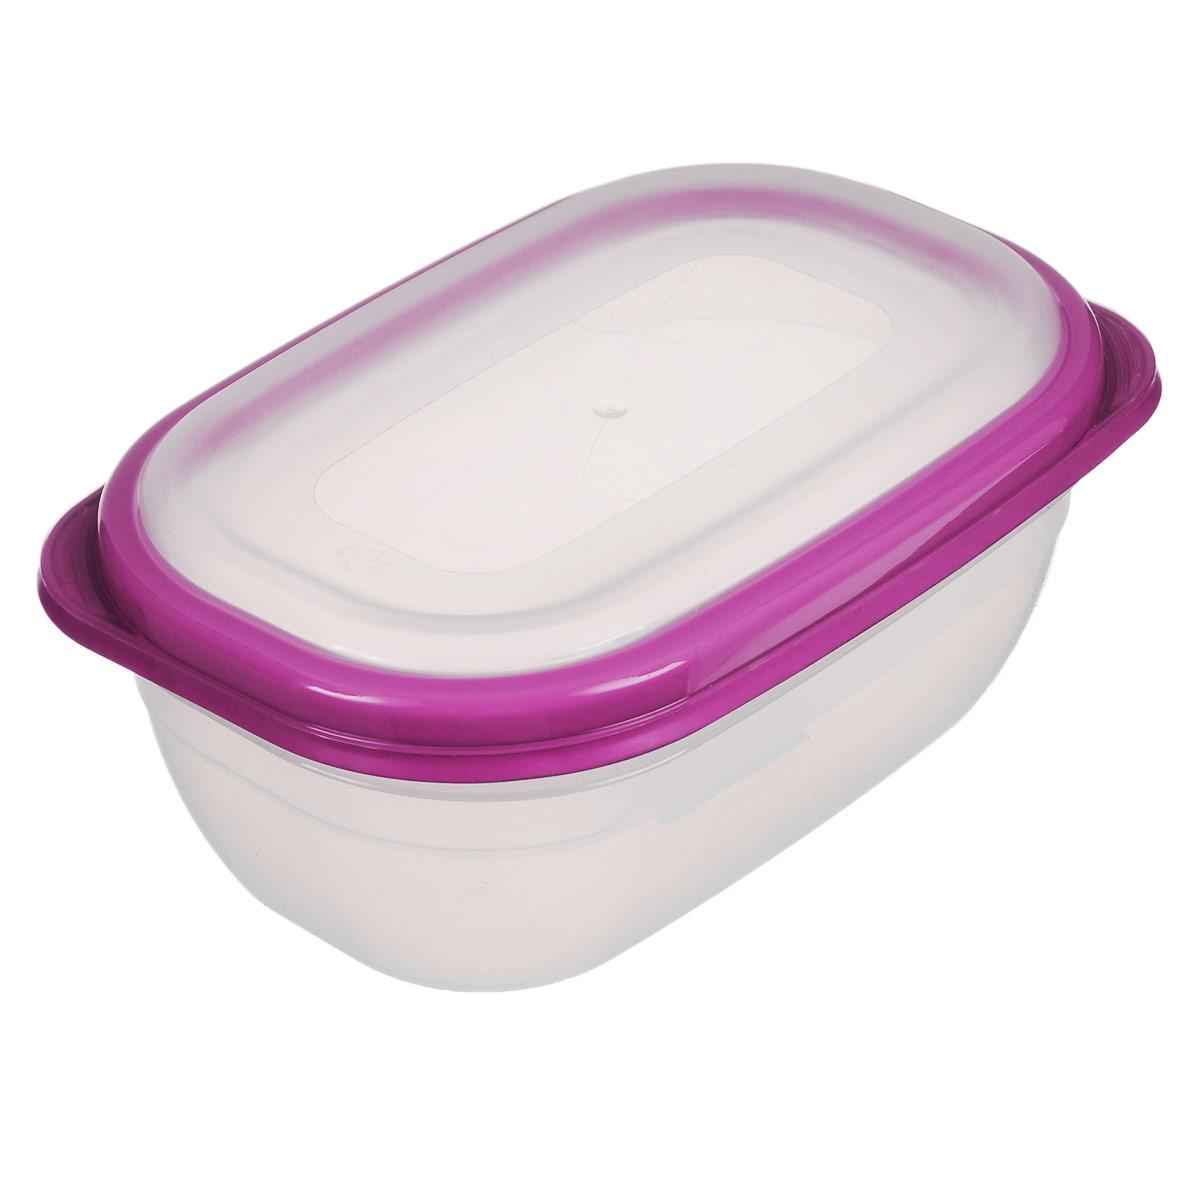 Контейнер для СВЧ Полимербыт Премиум, цвет: прозрачный, розовый, 0,5 лС560Прямоугольный контейнер для СВЧ Полимербыт Премиум изготовлен из высококачественного прочного пластика, устойчивого к высоким температурам (до +110°С). Крышка плотно и герметично закрывается, дольше сохраняя продукты свежими и вкусными. Контейнер идеально подходит для хранения пищи, его удобно брать с собой на работу, учебу, пикник или просто использовать для хранения пищи в холодильнике.Подходит для разогрева пищи в микроволновой печи и для заморозки в морозильной камере (при минимальной температуре -40°С). Можно мыть в посудомоечной машине.